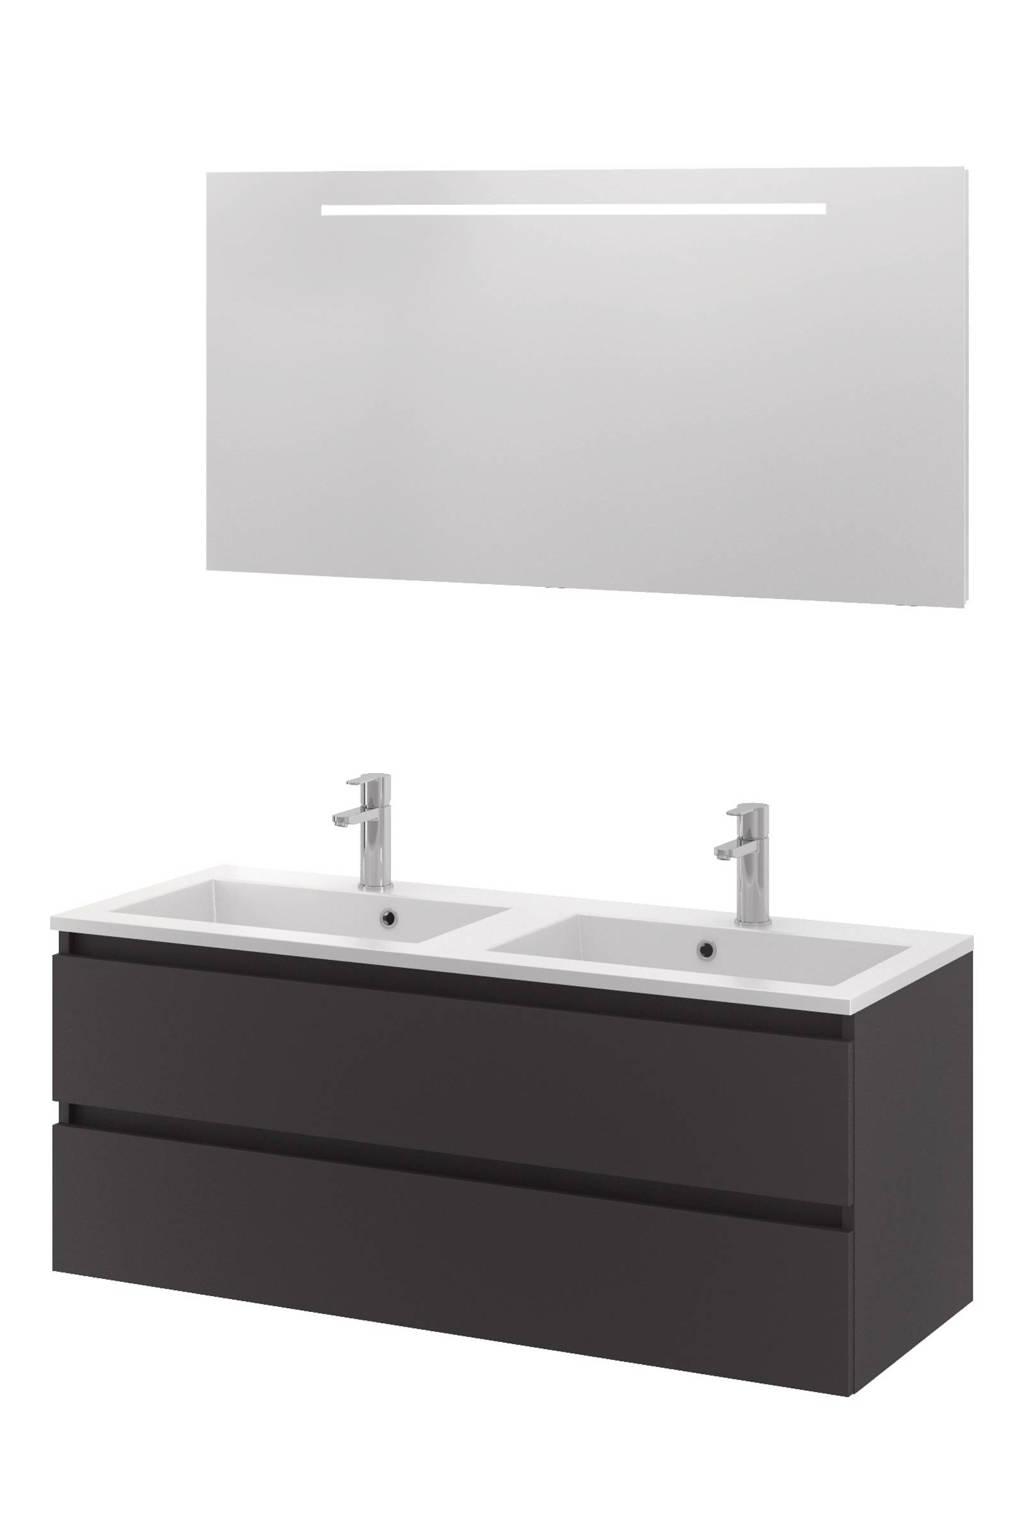 Bruynzeel Spiegel Met Verwarming.Sanitair Badkamermeubel Cadiza 120